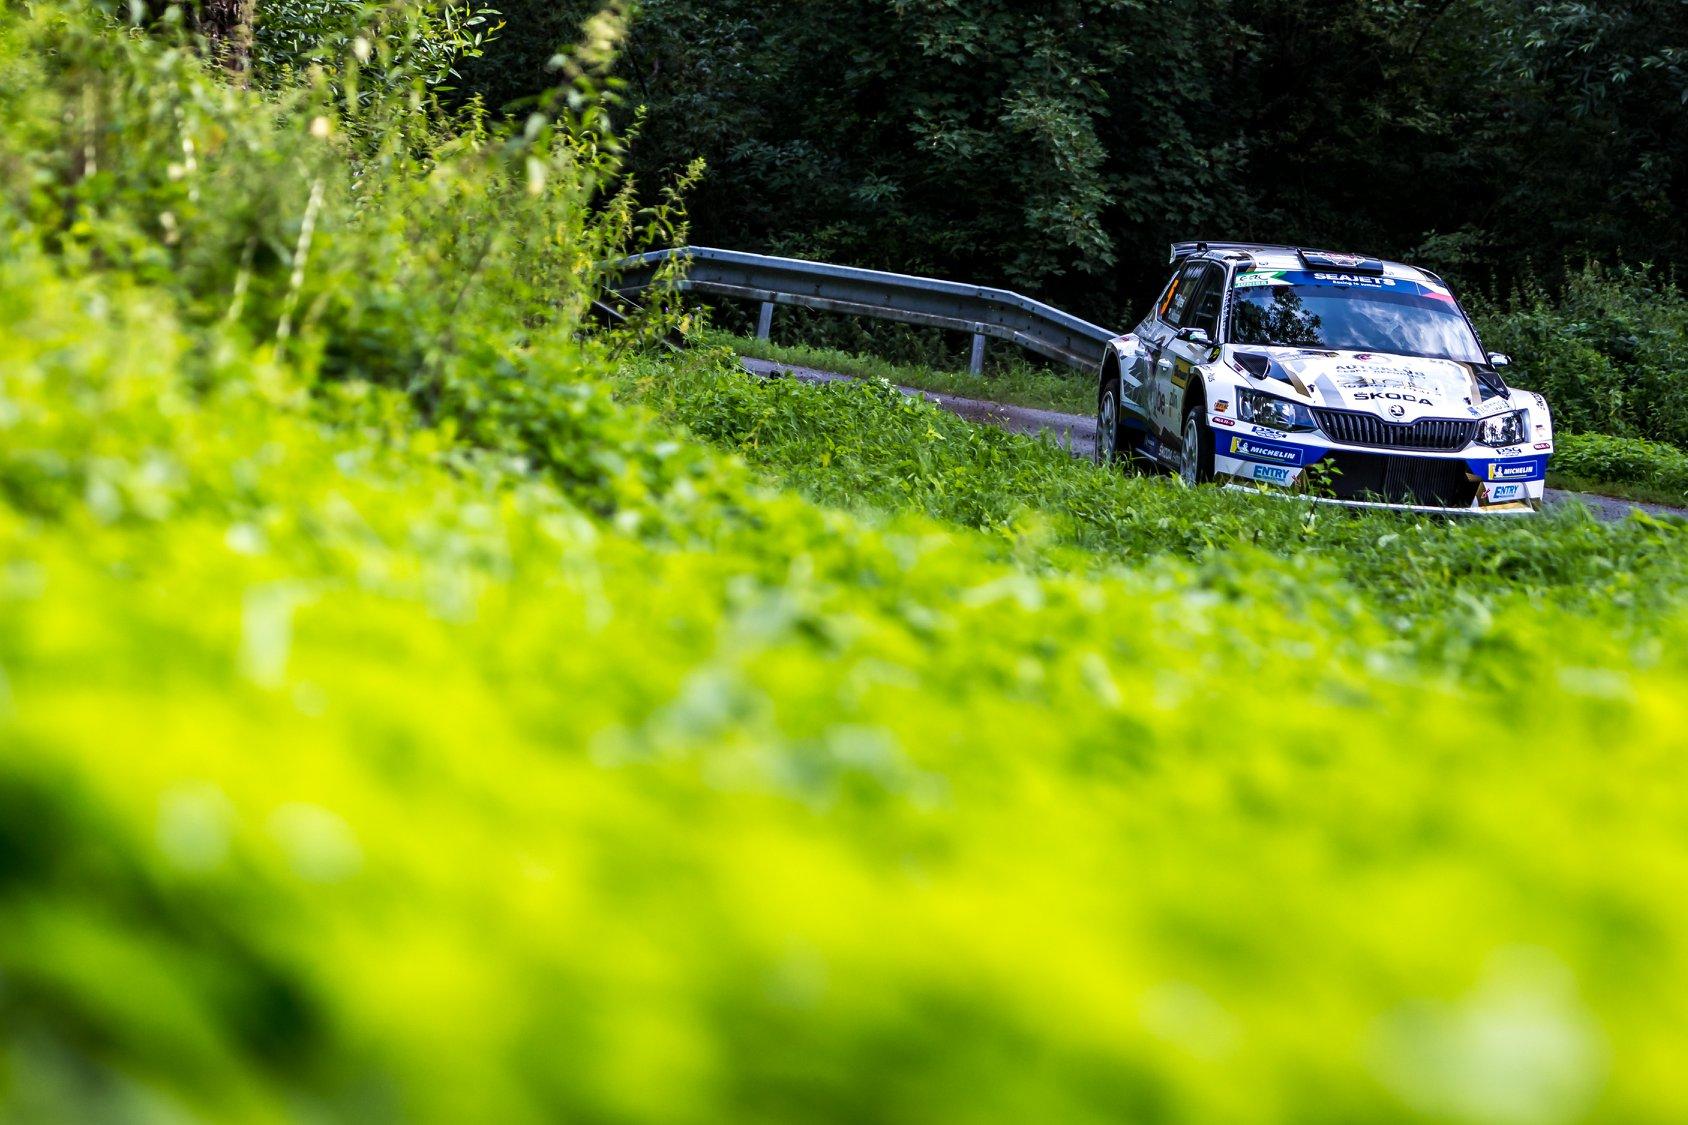 źródło: FIA ERC | Filip Mares wywalczył przed swoimi kibicami tytuł